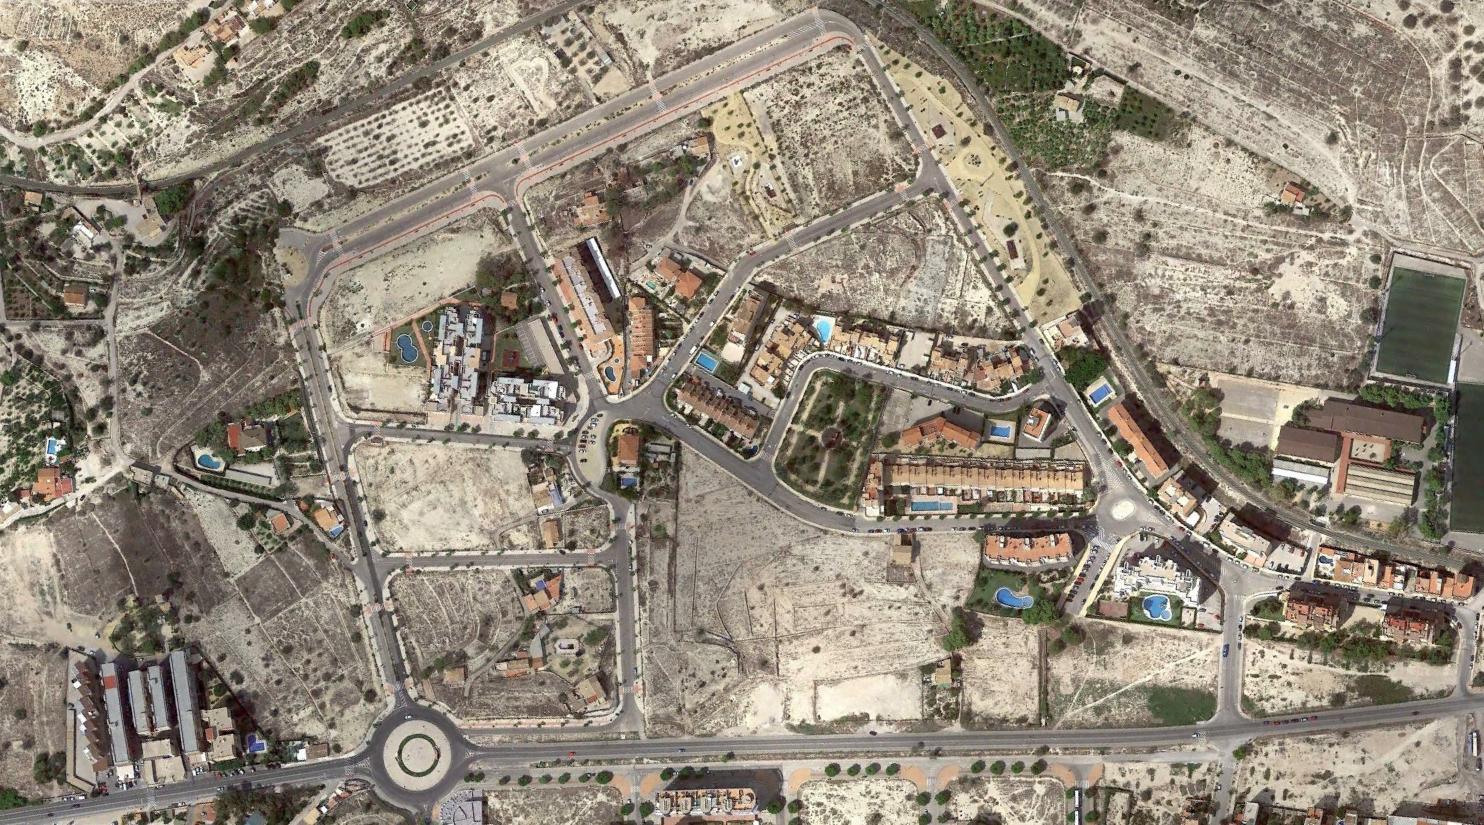 villajoyosa, alicante, todo a medias, después, urbanismo, planeamiento, urbano, desastre, urbanístico, construcción, rotondas, carretera